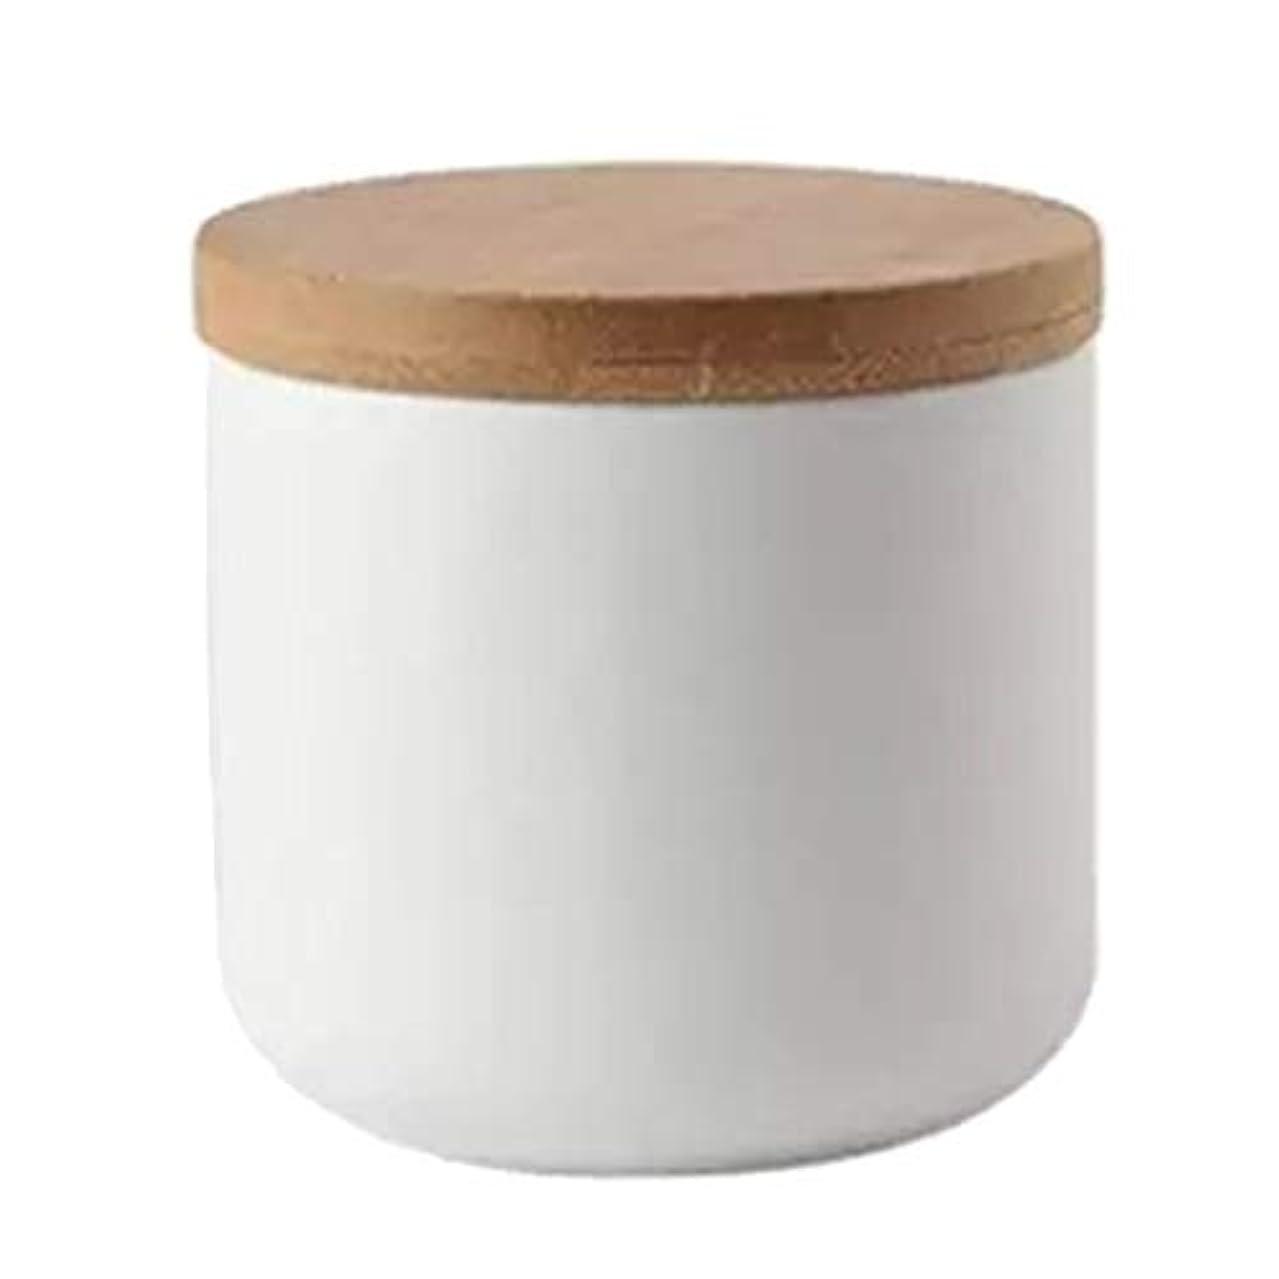 クレジット不利一時停止化粧品ポット 収納 ボウル ネイルアートリムーバー アルコール ネイルリキッド パウダー コンテナ 全2色 - 白い